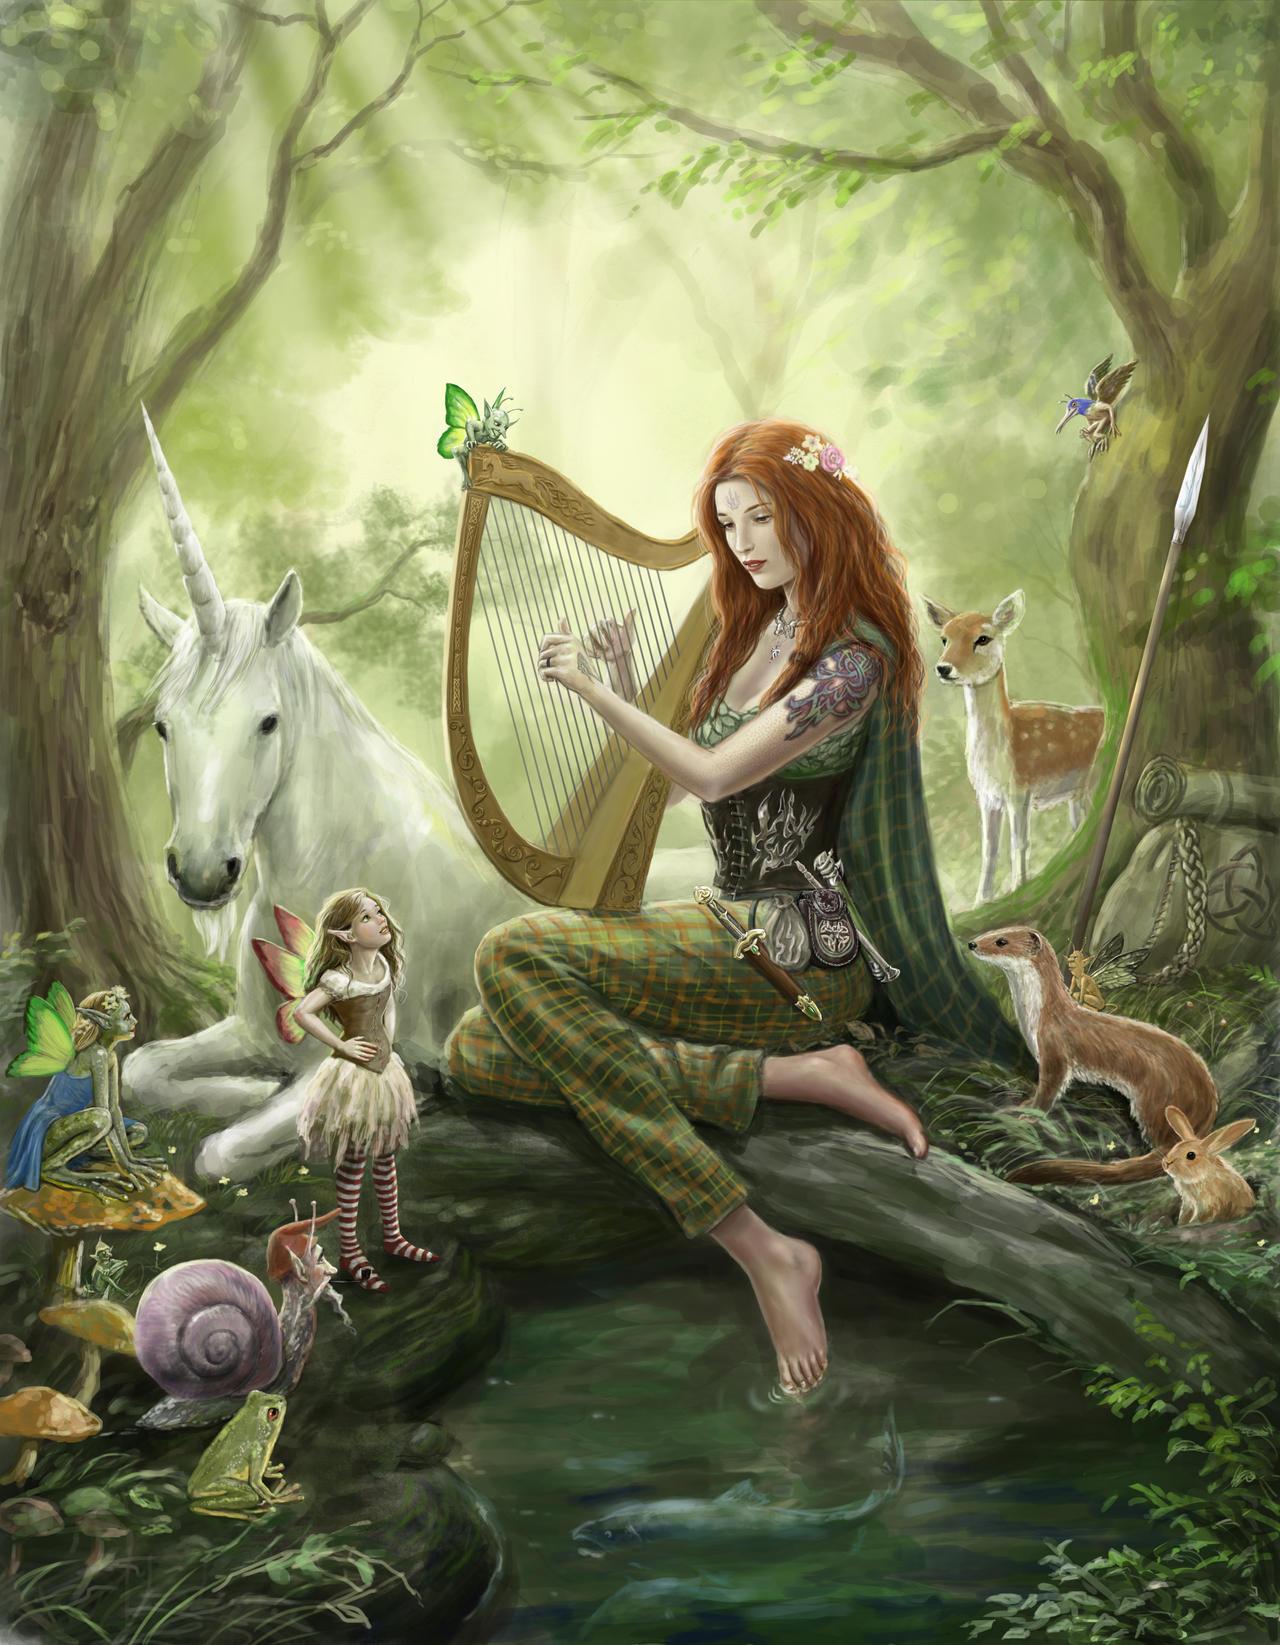 http://img04.deviantart.net/d100/i/2014/335/7/2/lynn_d_vadalis_in_the_fairy_wood__by_dashinvaine-d7xwfbr.jpg